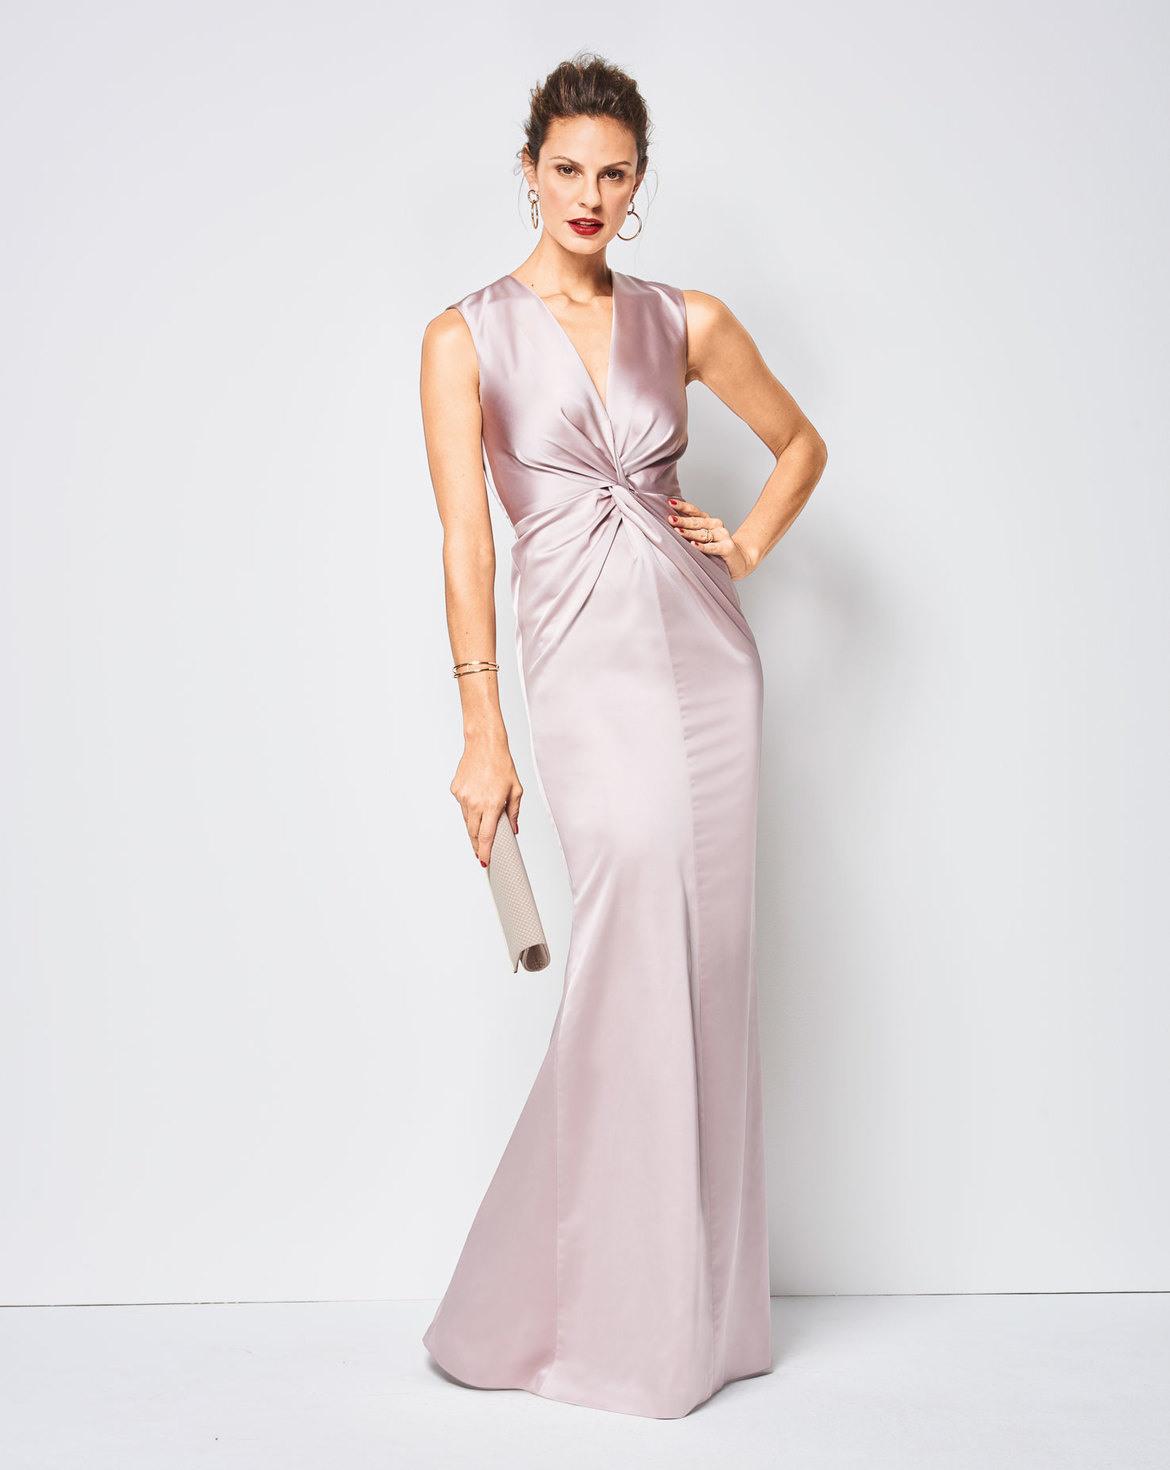 Luxus Abendkleider Lang Für Junge Damen Vertrieb17 Top Abendkleider Lang Für Junge Damen Boutique